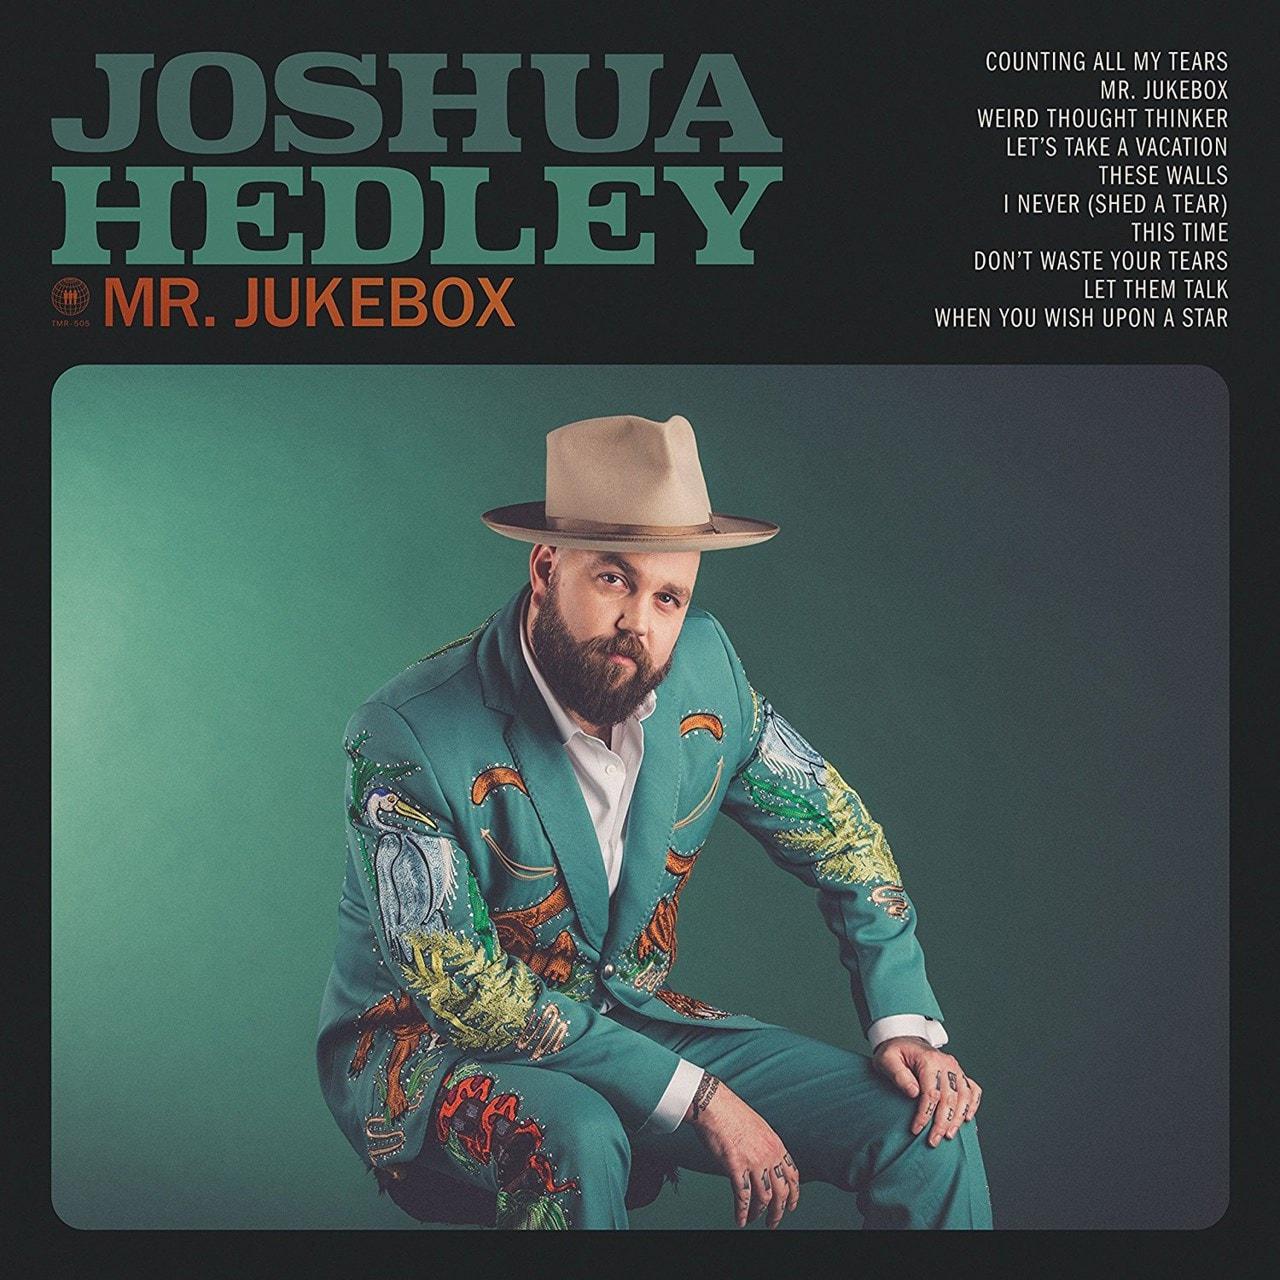 Mr. Jukebox - 1